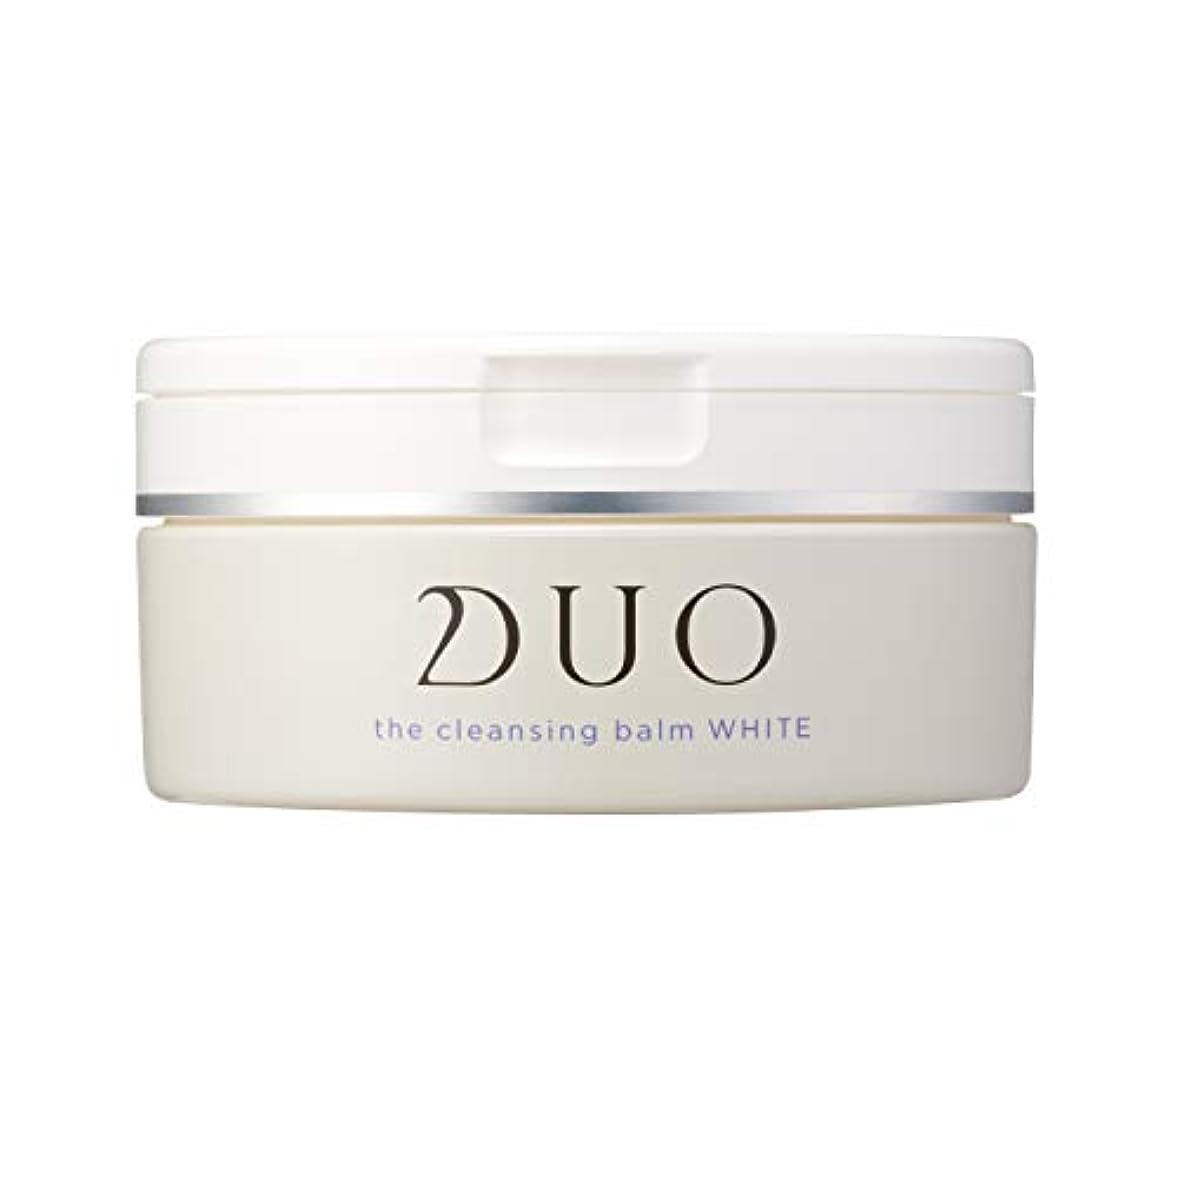 発揮する慢性的経由でDUO(デュオ) ザ クレンジングバーム ホワイト 90g